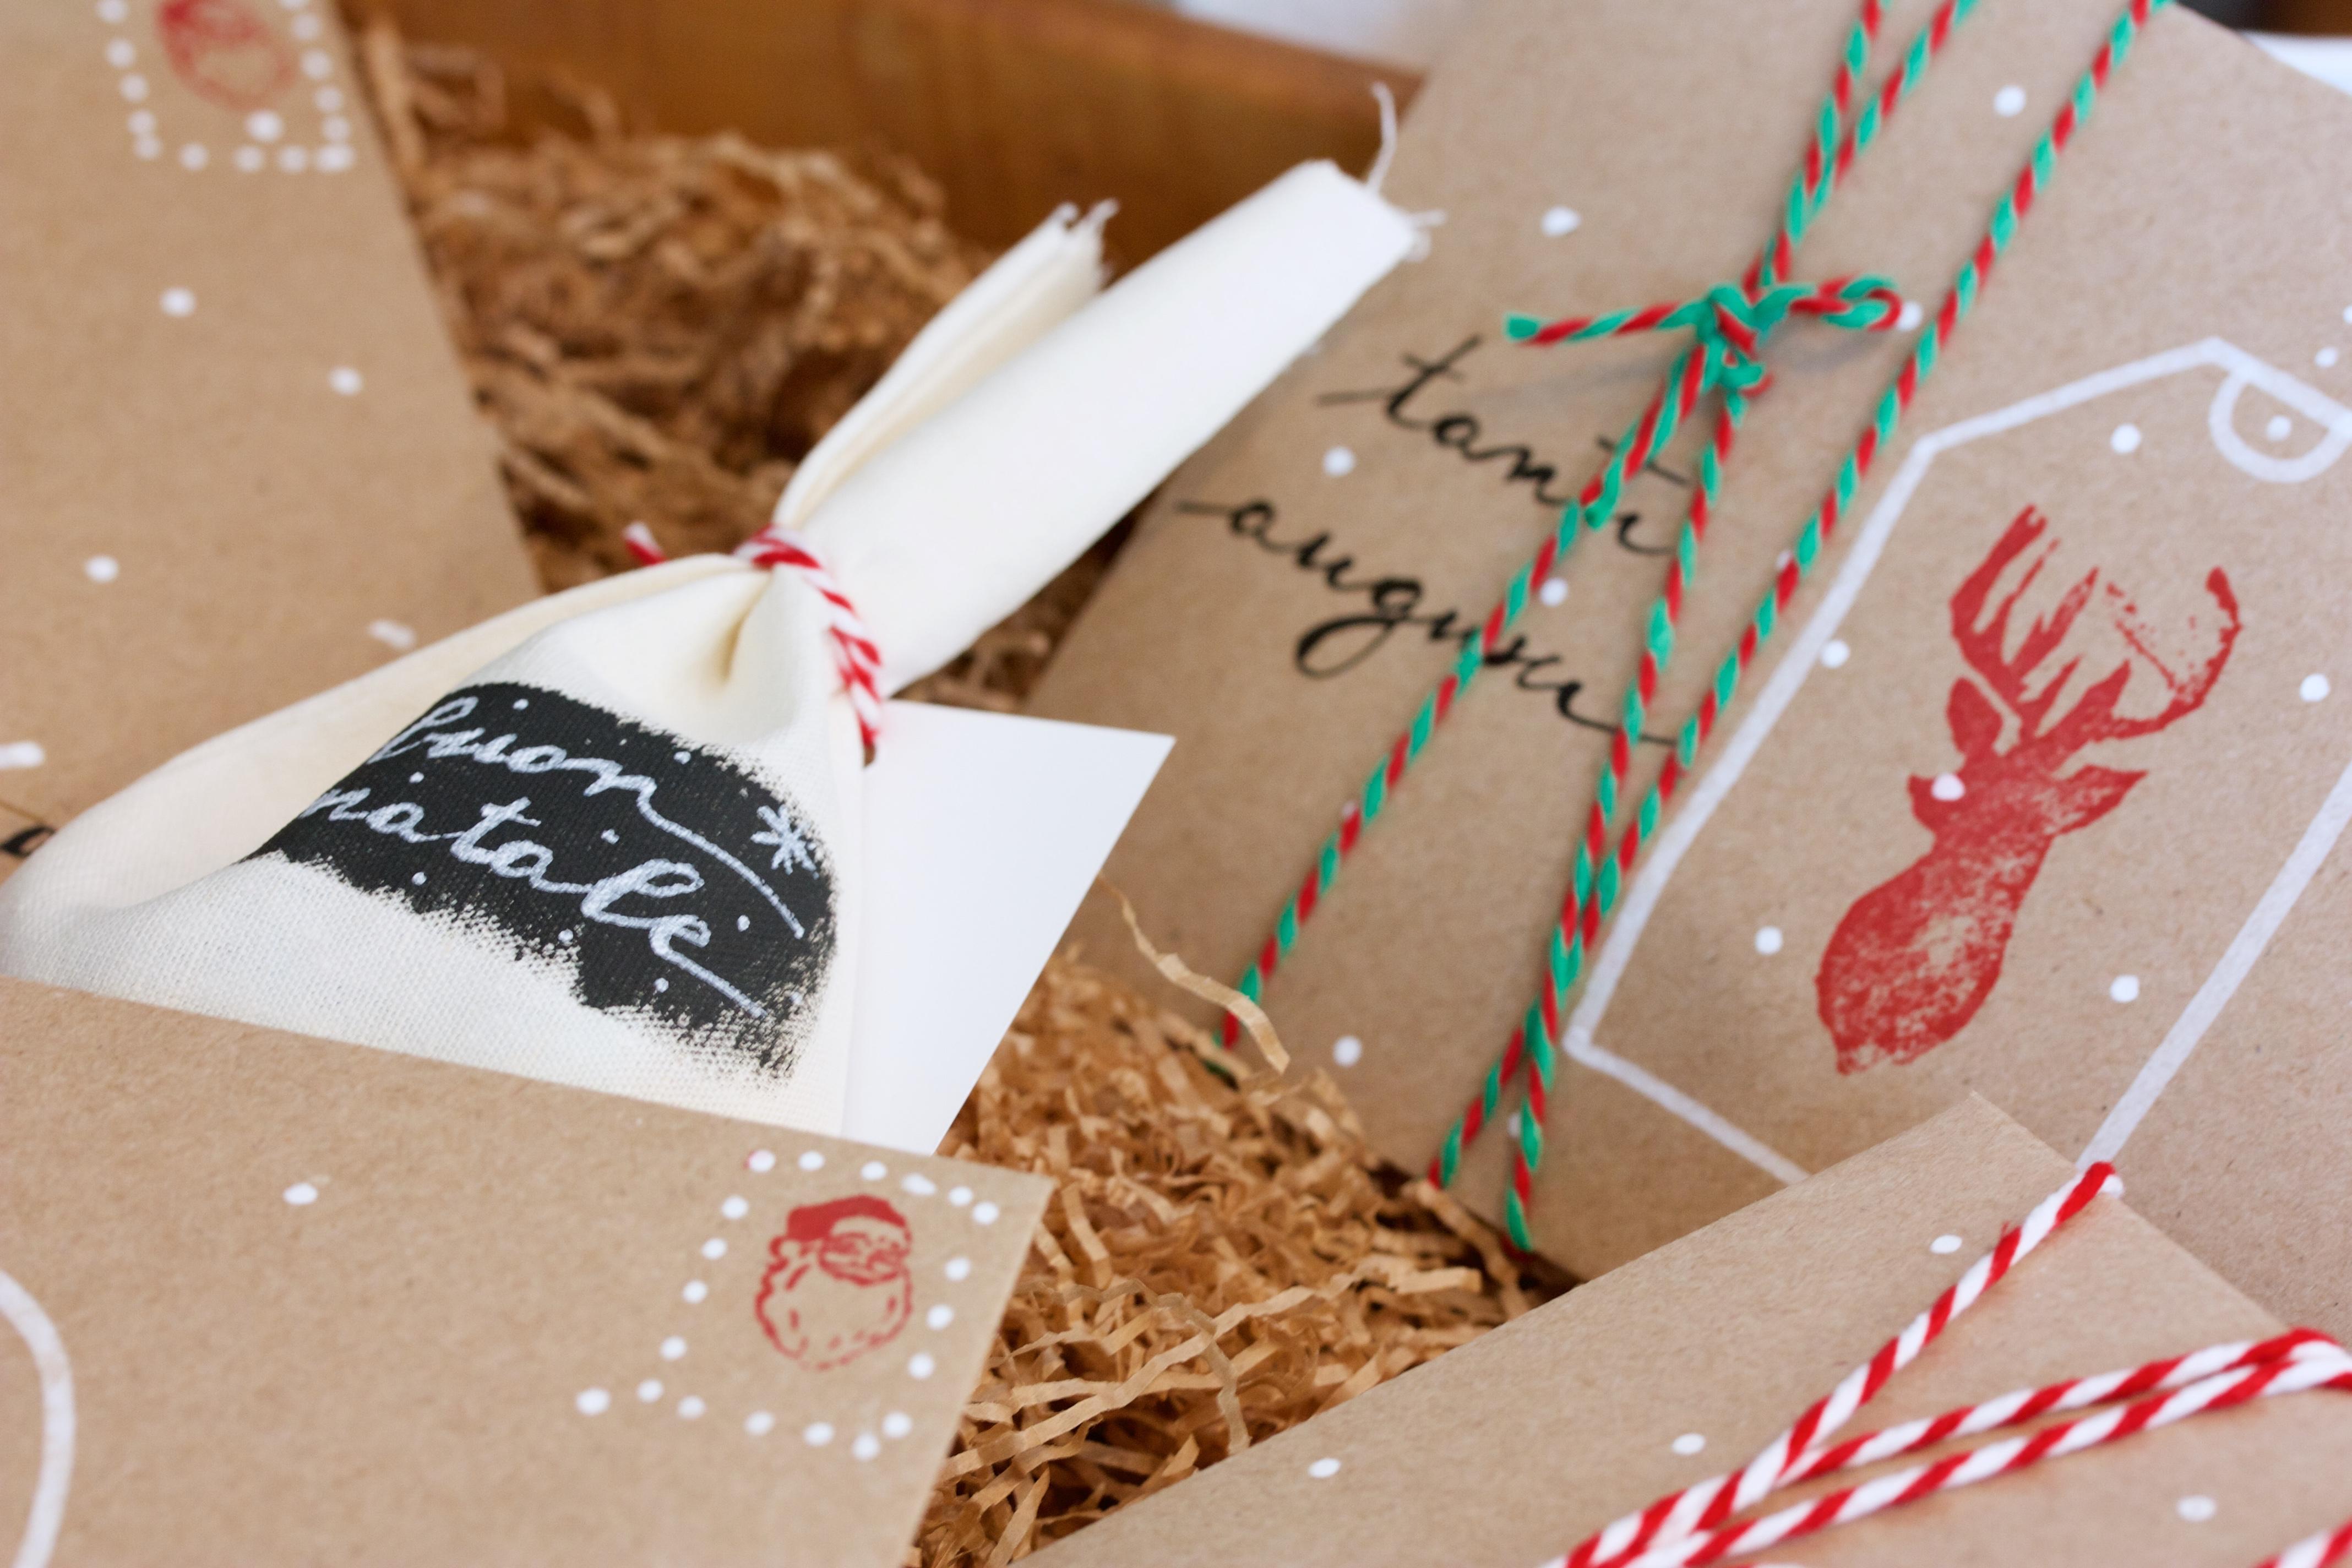 Regali Di Natale The.Regali Di Natale Fatti A Mano Dieci Idee Piene D Amore